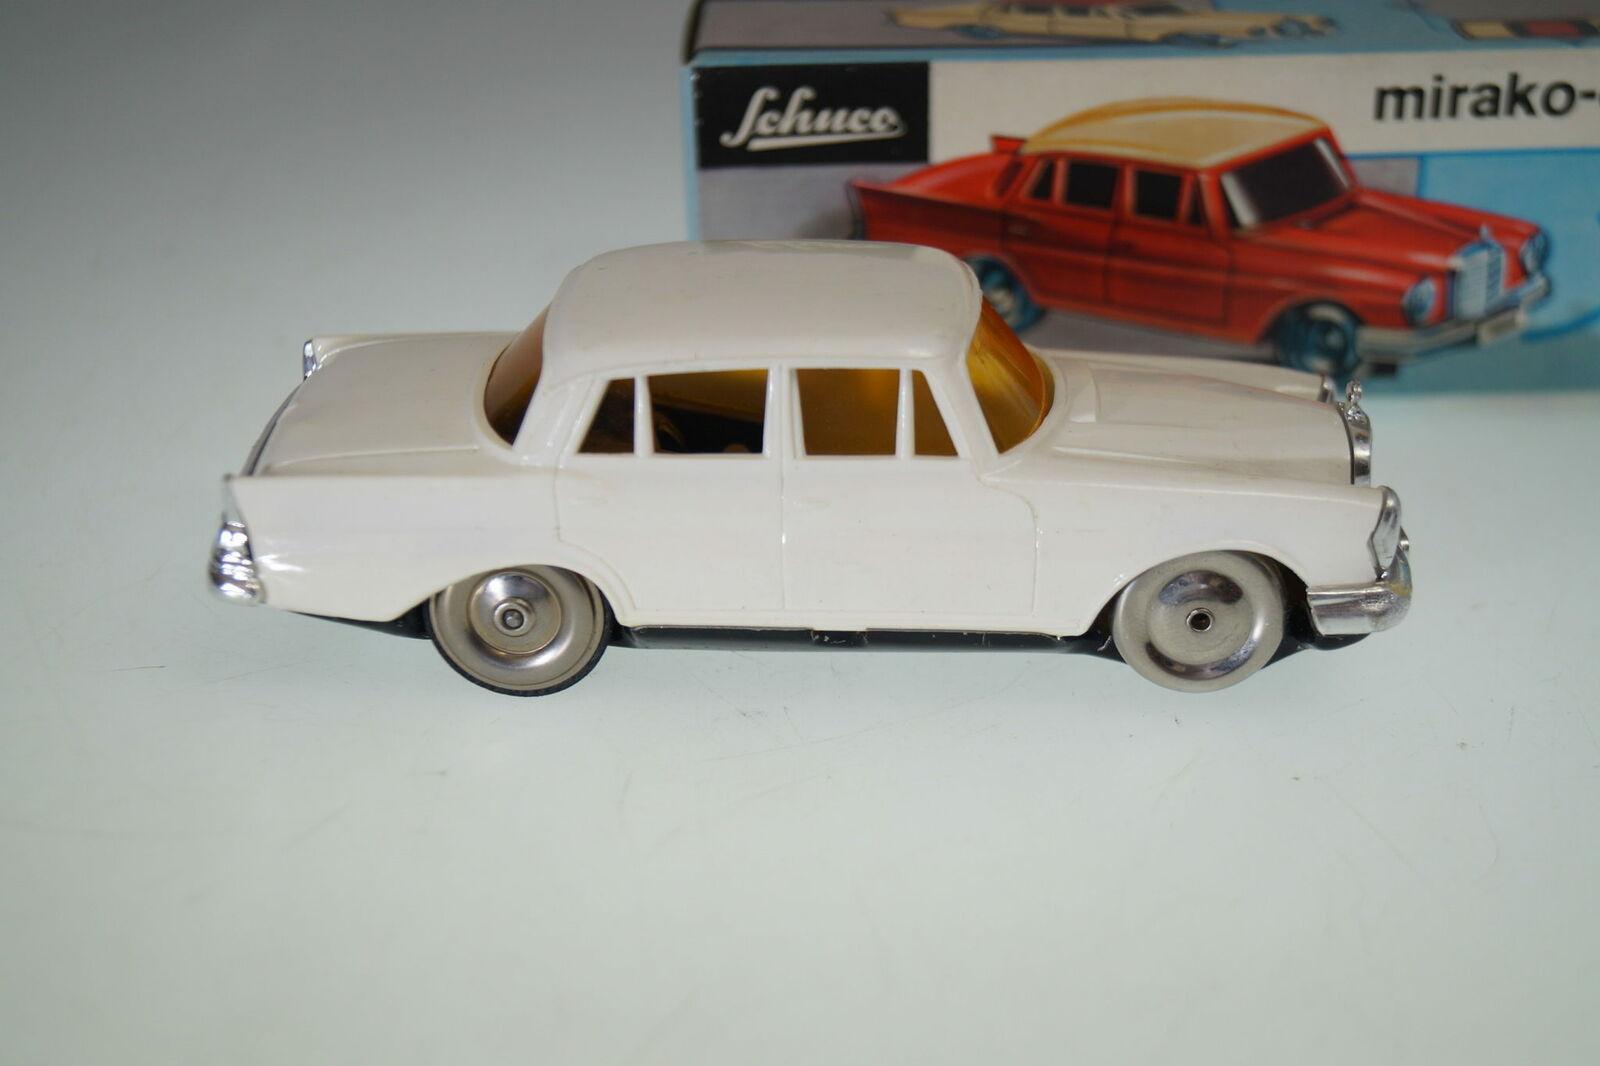 Schuco 1001 1 Mirako Car MB 190 weiss, sauber ovp